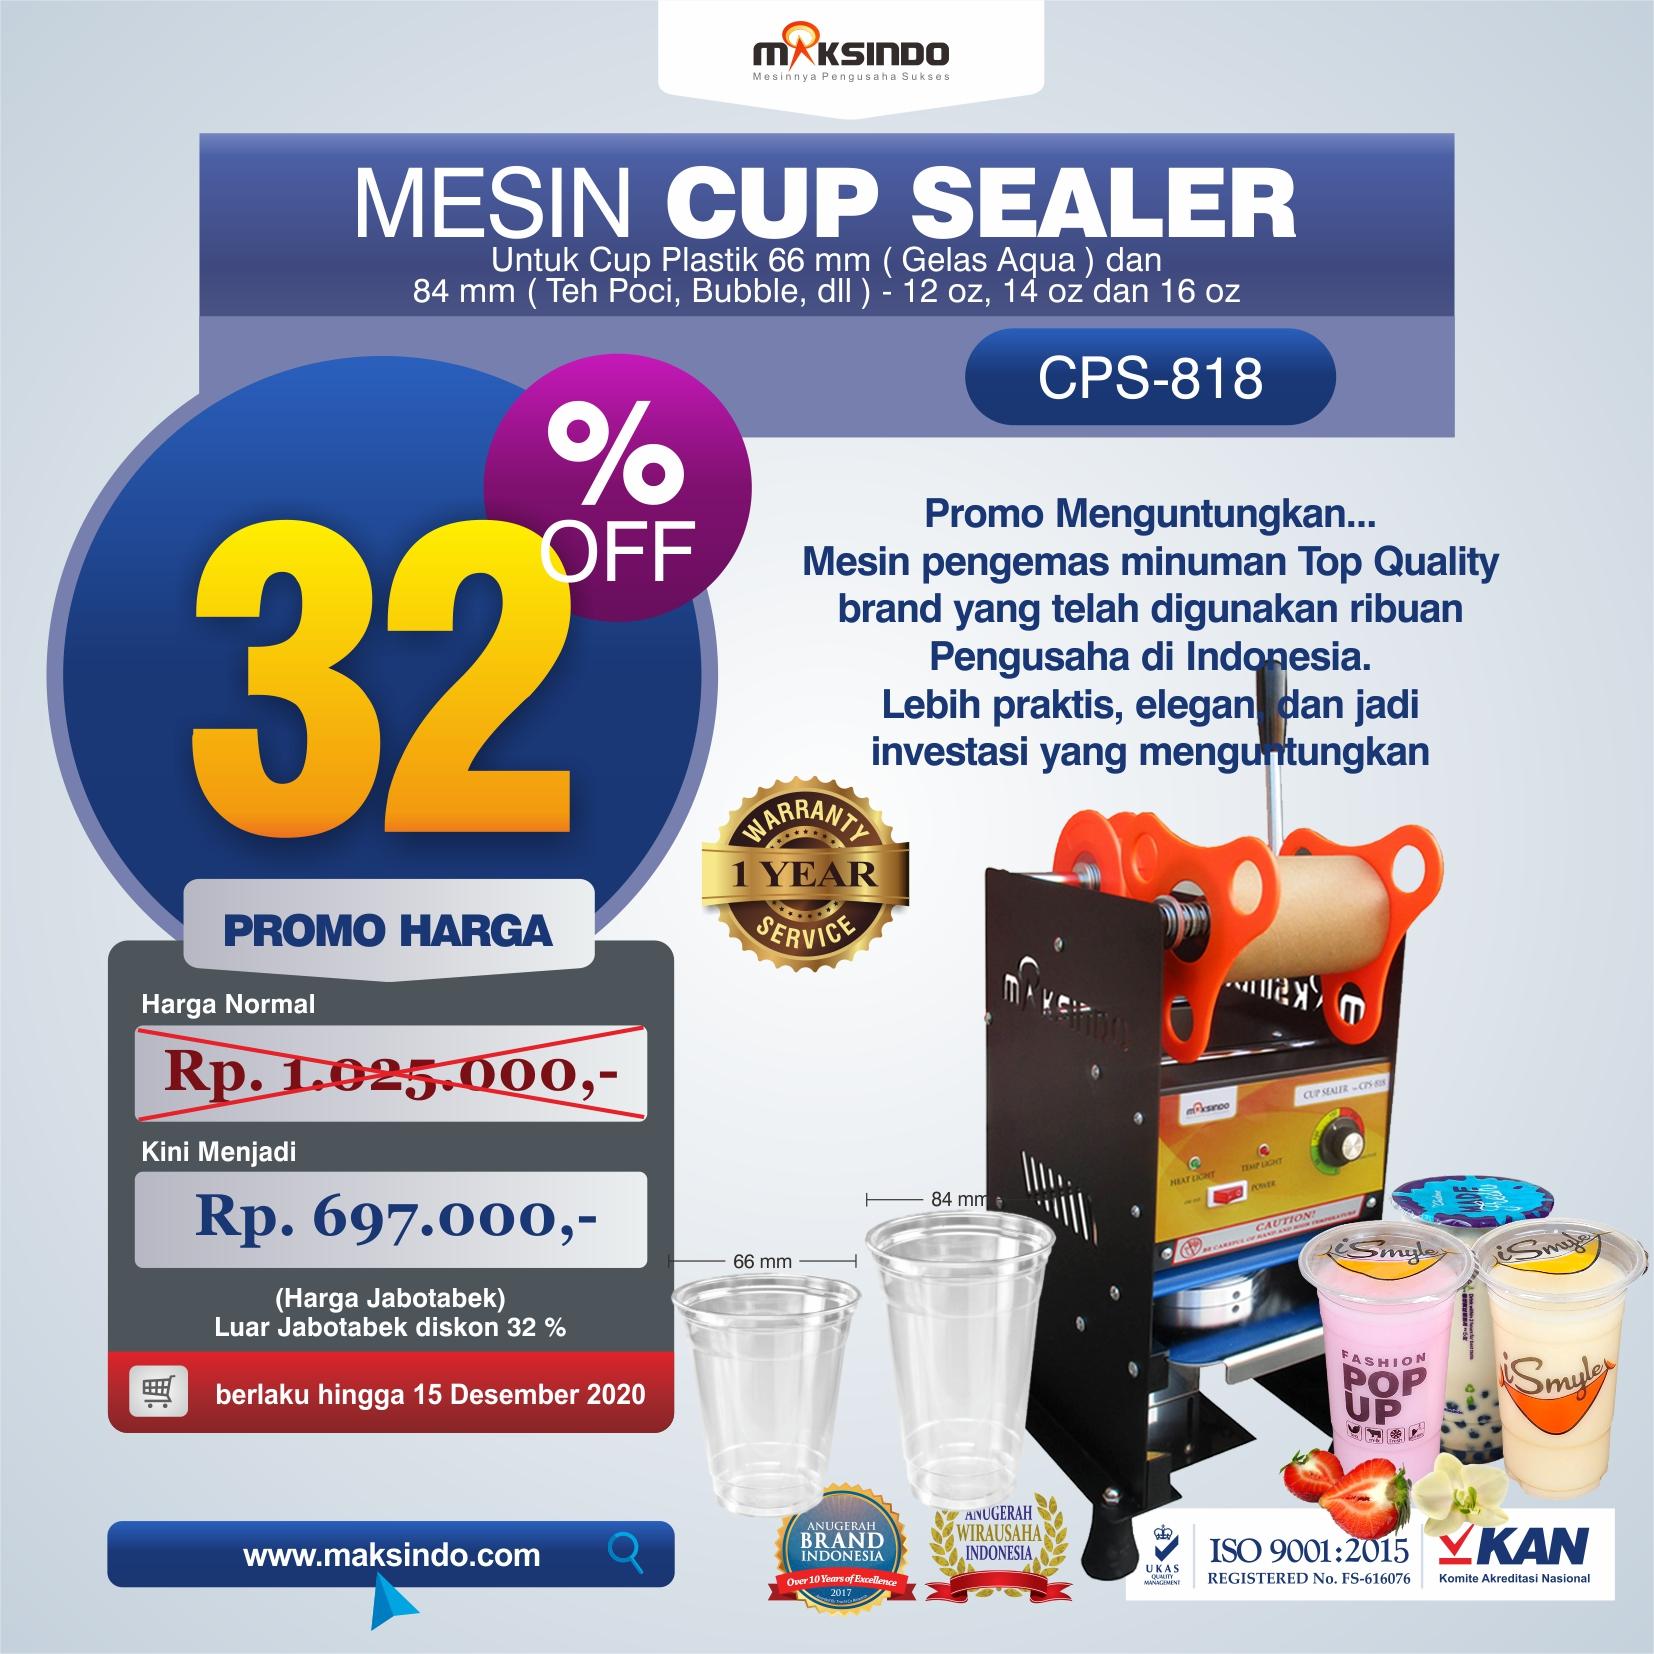 Jual Mesin Cup Sealer Manual (CPS-818) di Bekasi